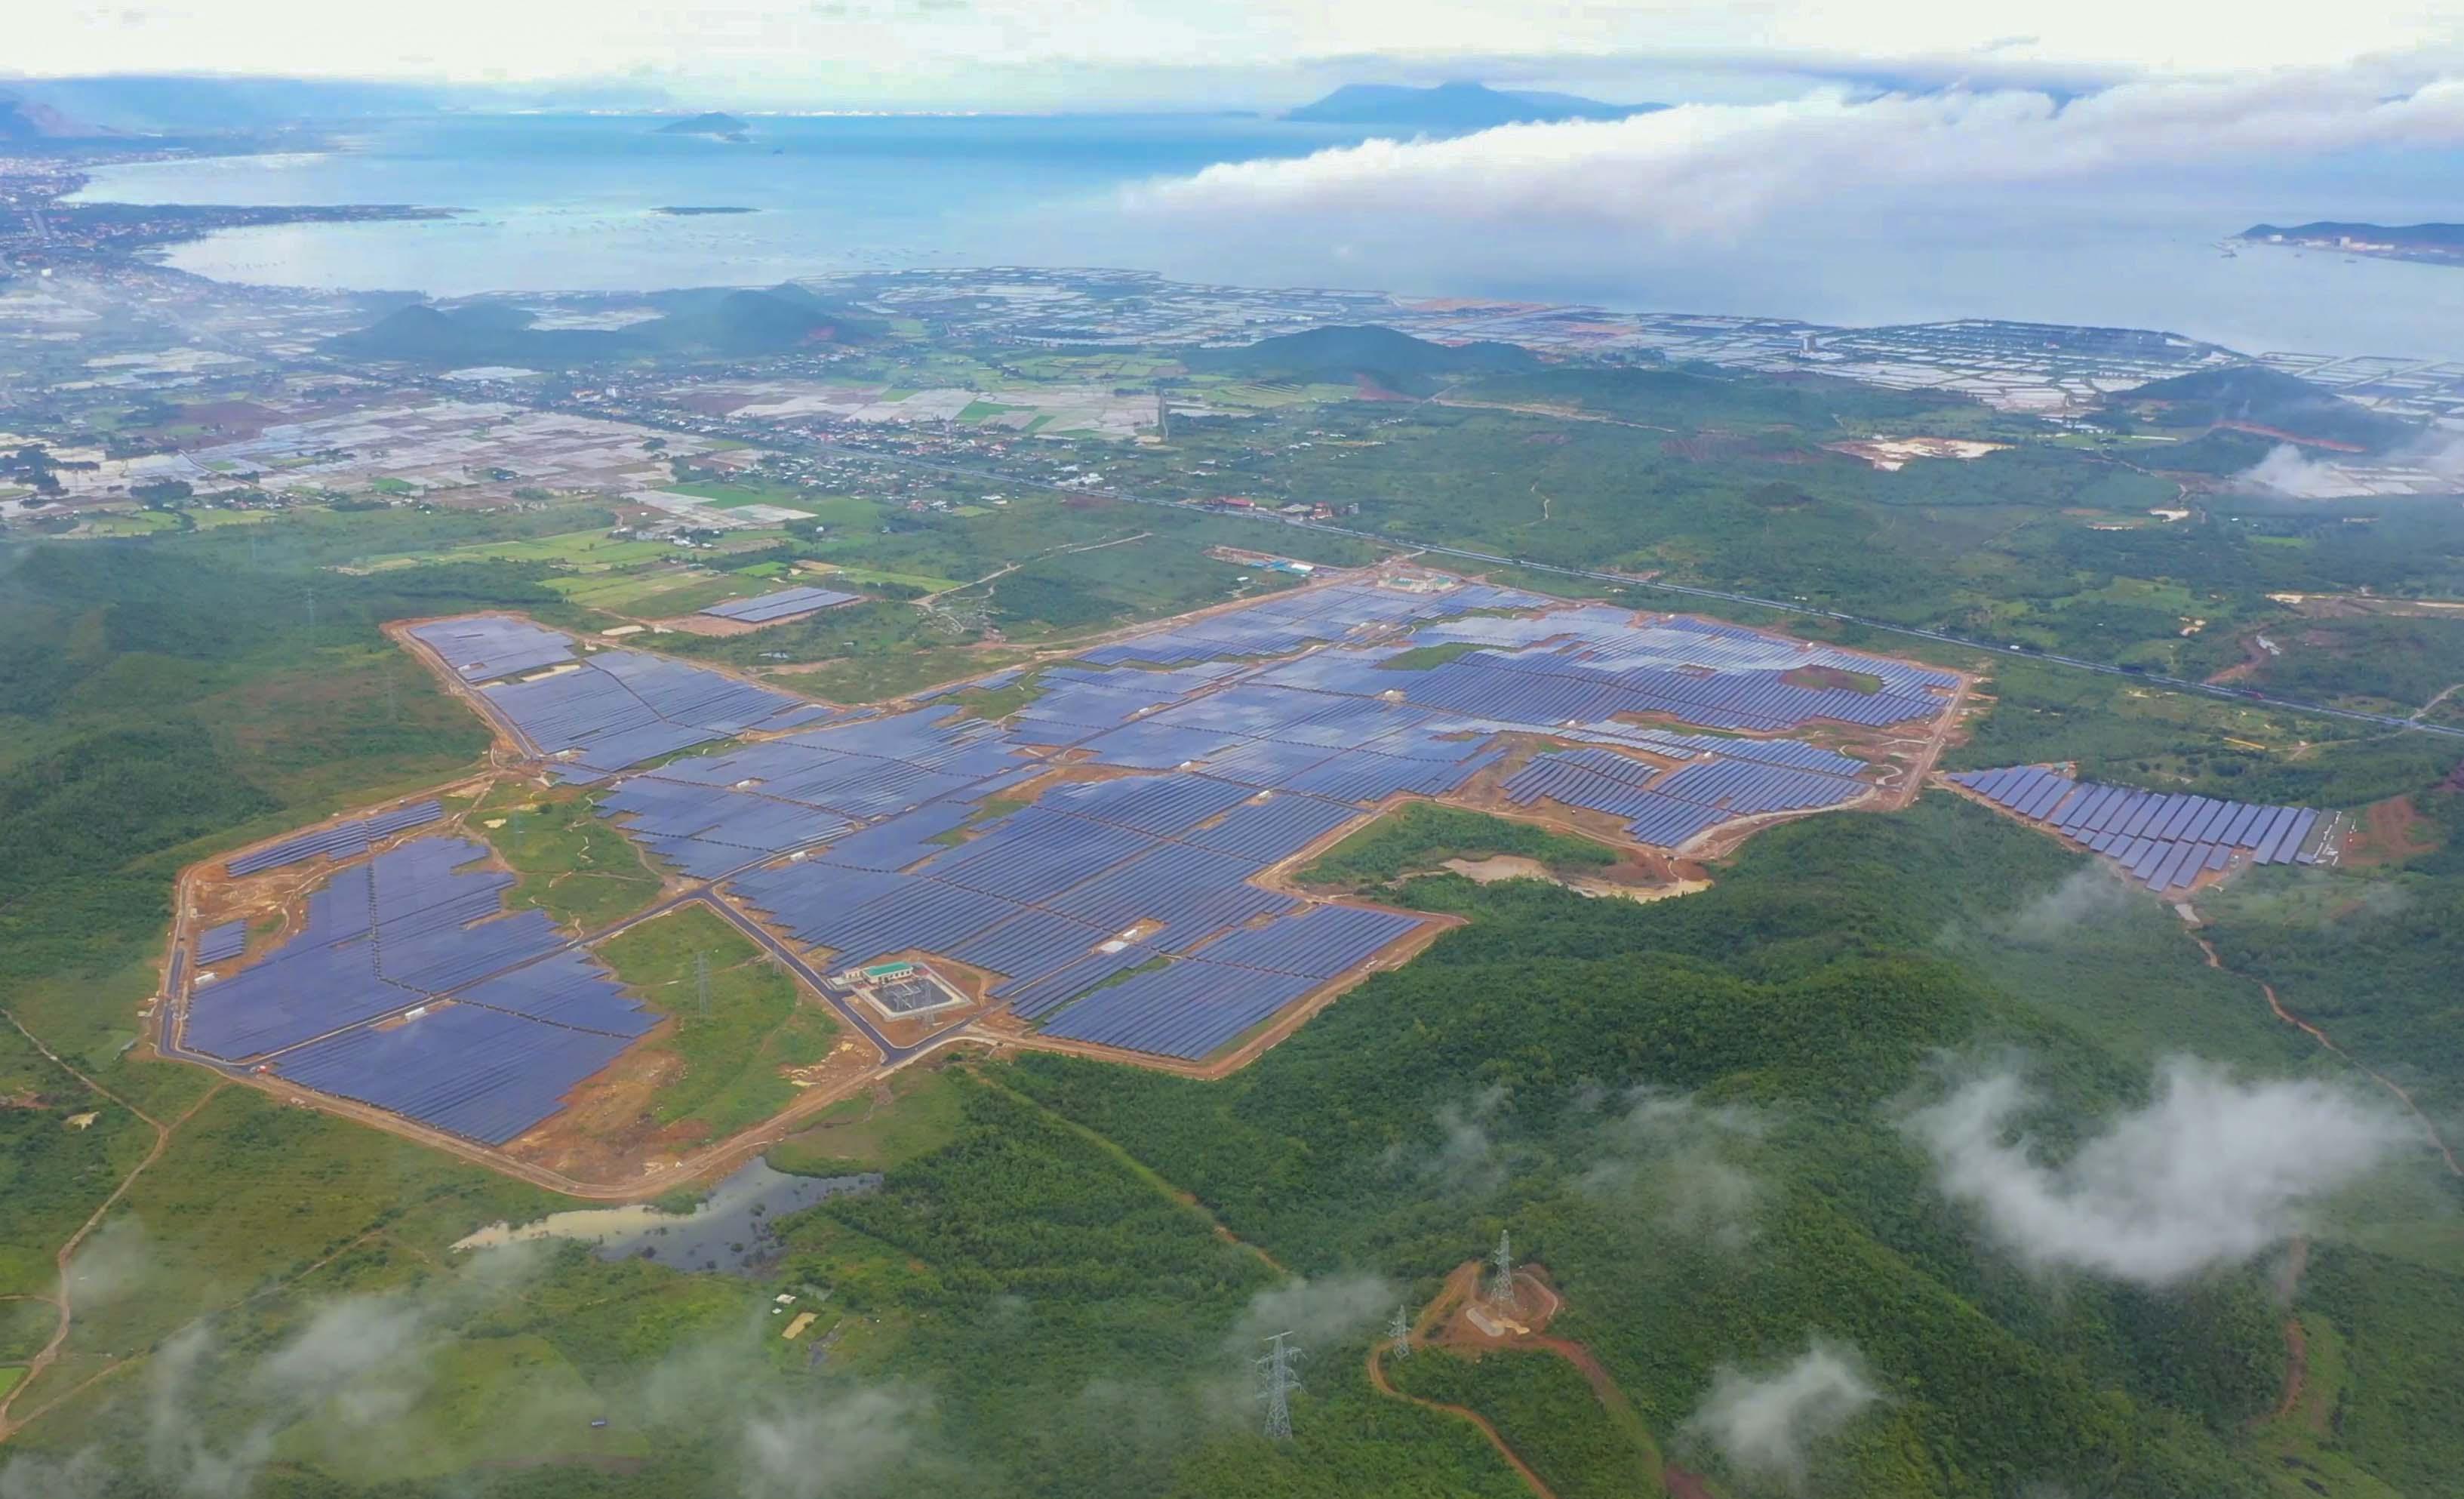 Nhà máy điện mặt trời KN Vạn Ninh trị giá hơn 2.000 tỷ đồng hoạt động - Ảnh 1.